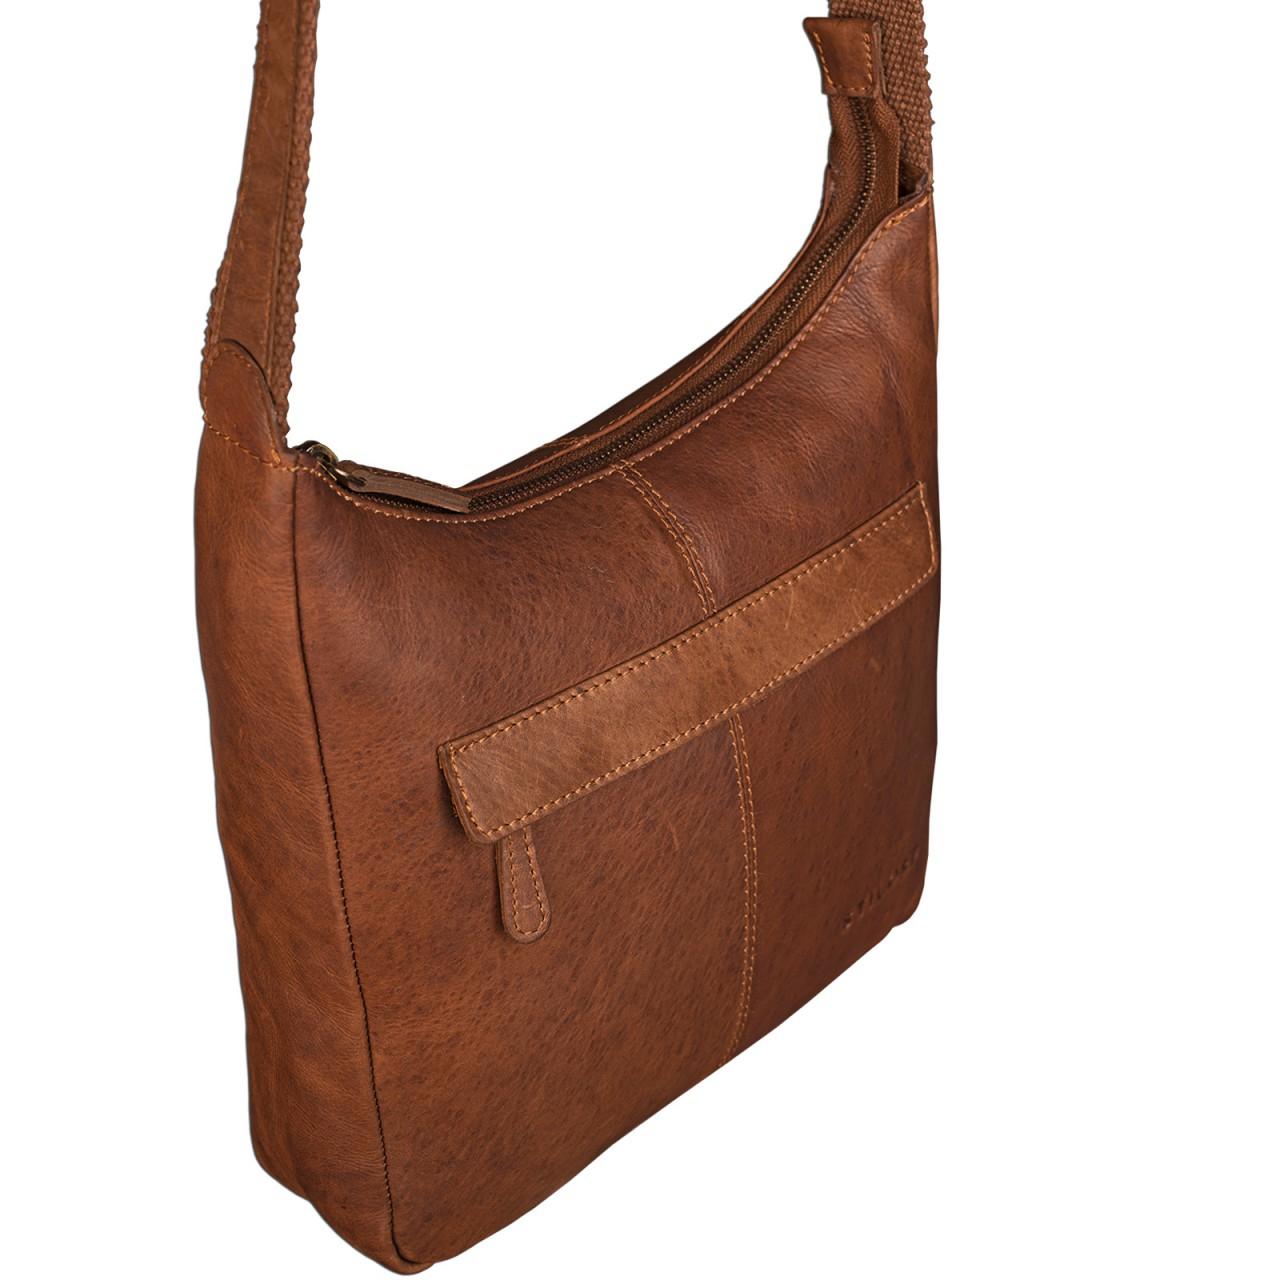 STILORD kleine Lederhandtasche Umhängetasche Vintage Handtasche mit verstellbarem Schulterriemen aus weichem Antik Leder Damen - Bild 21